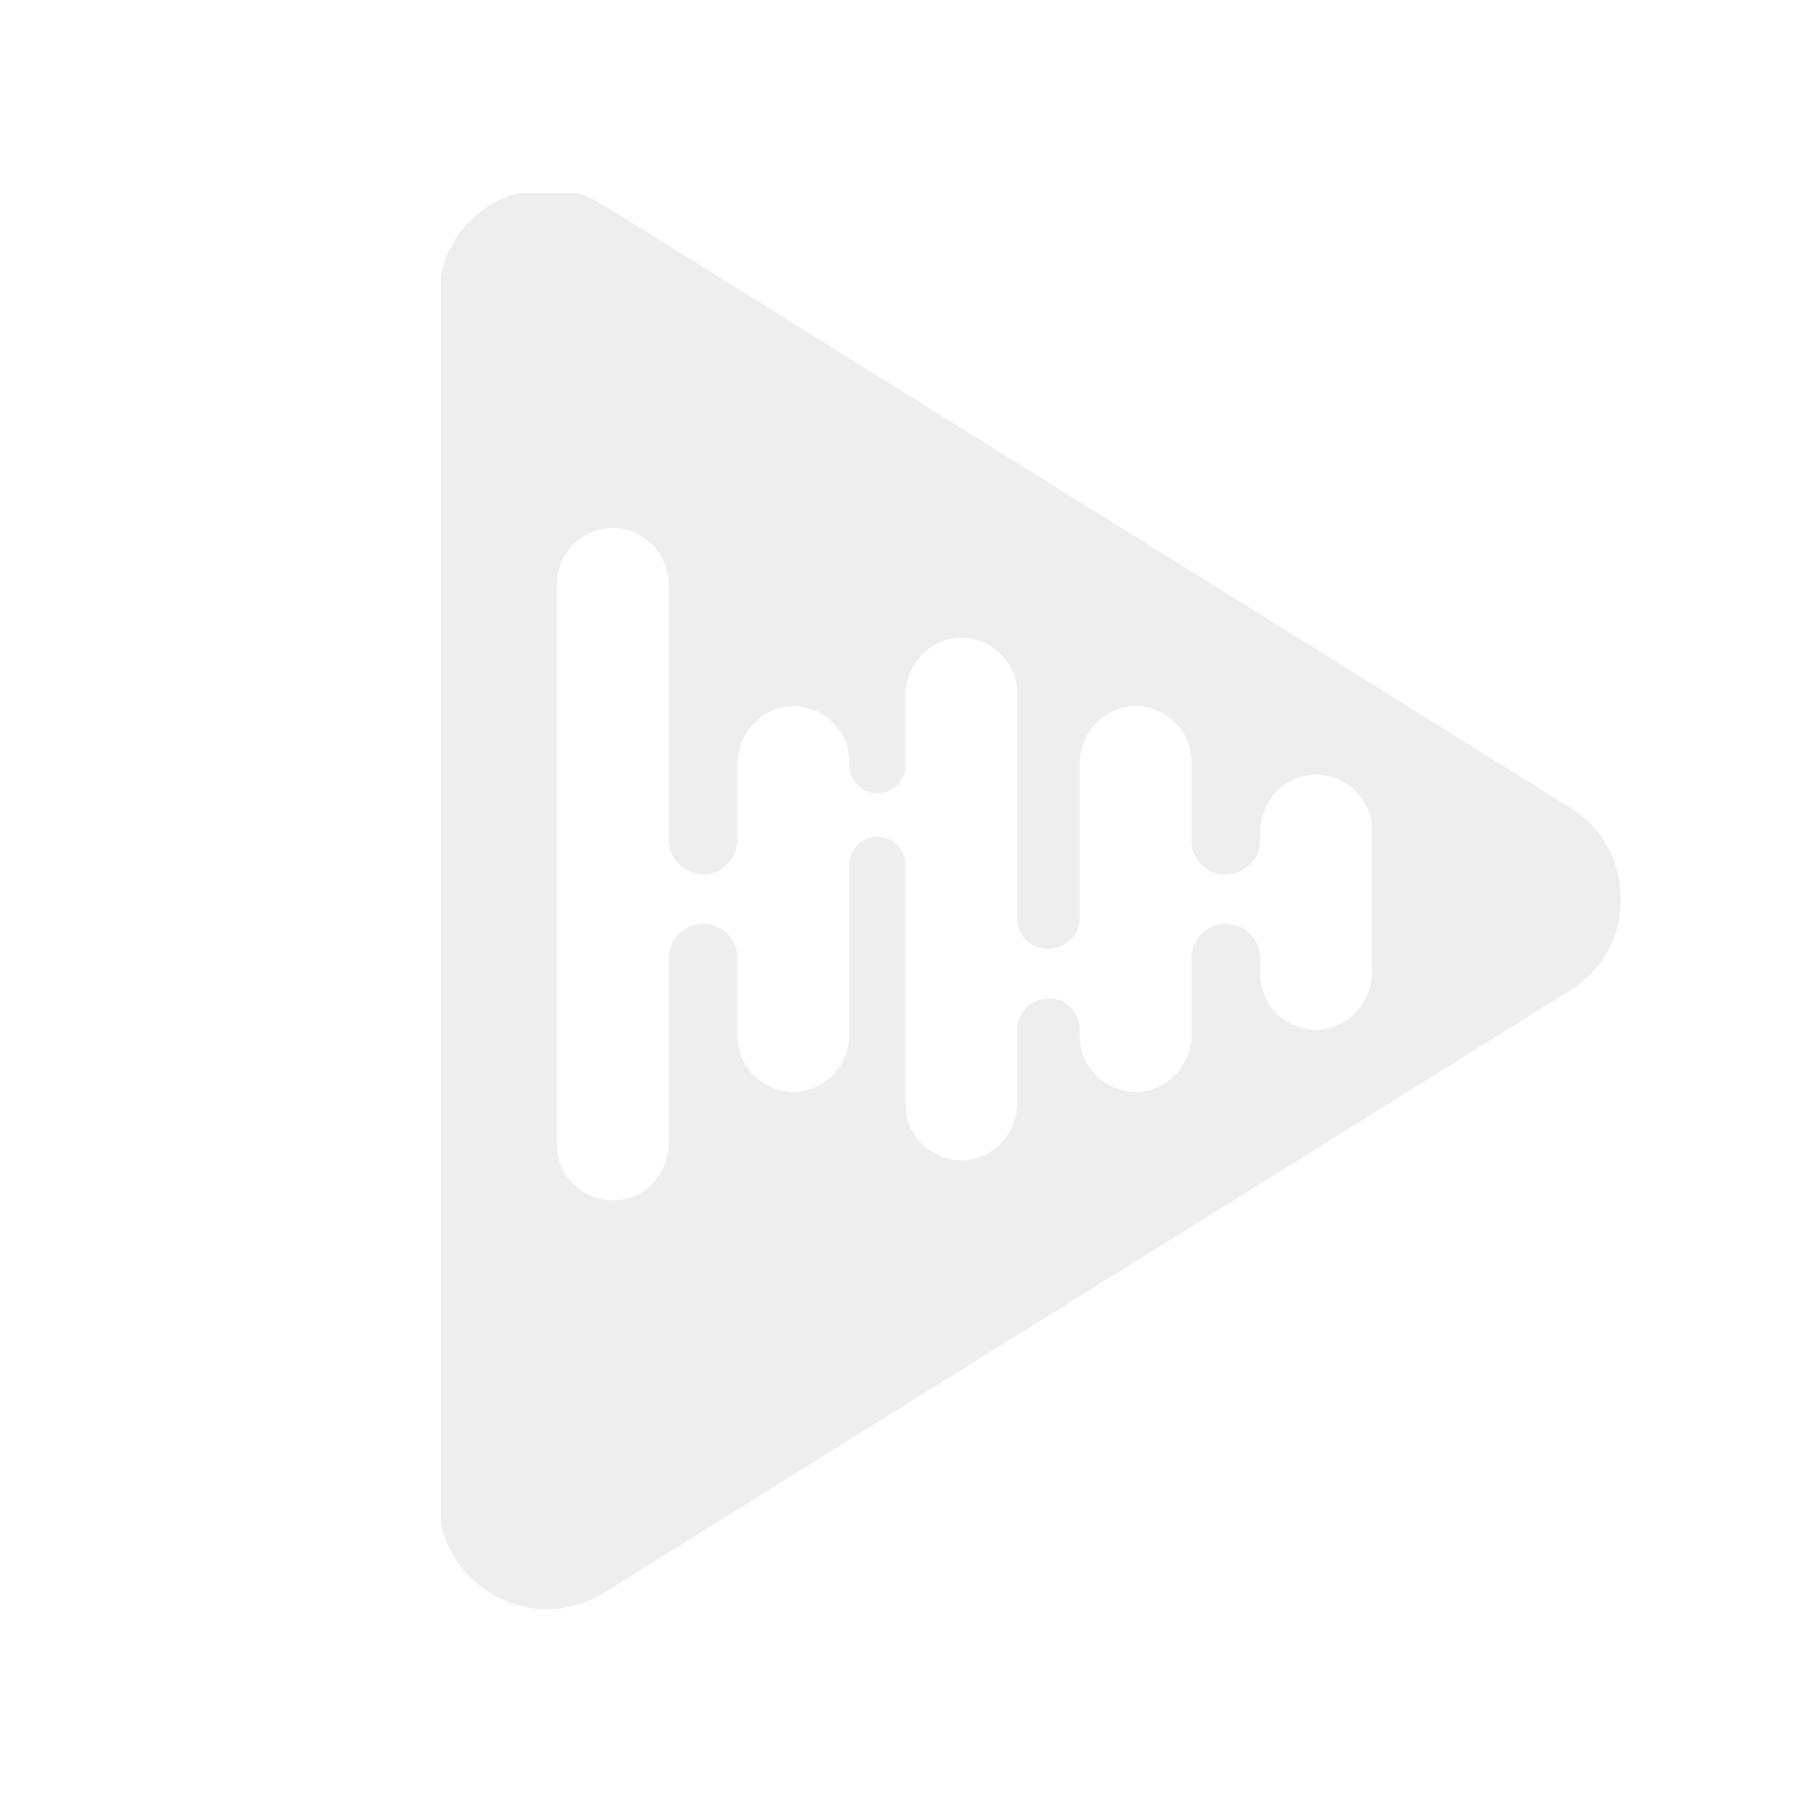 Audison AP5.9 BIT